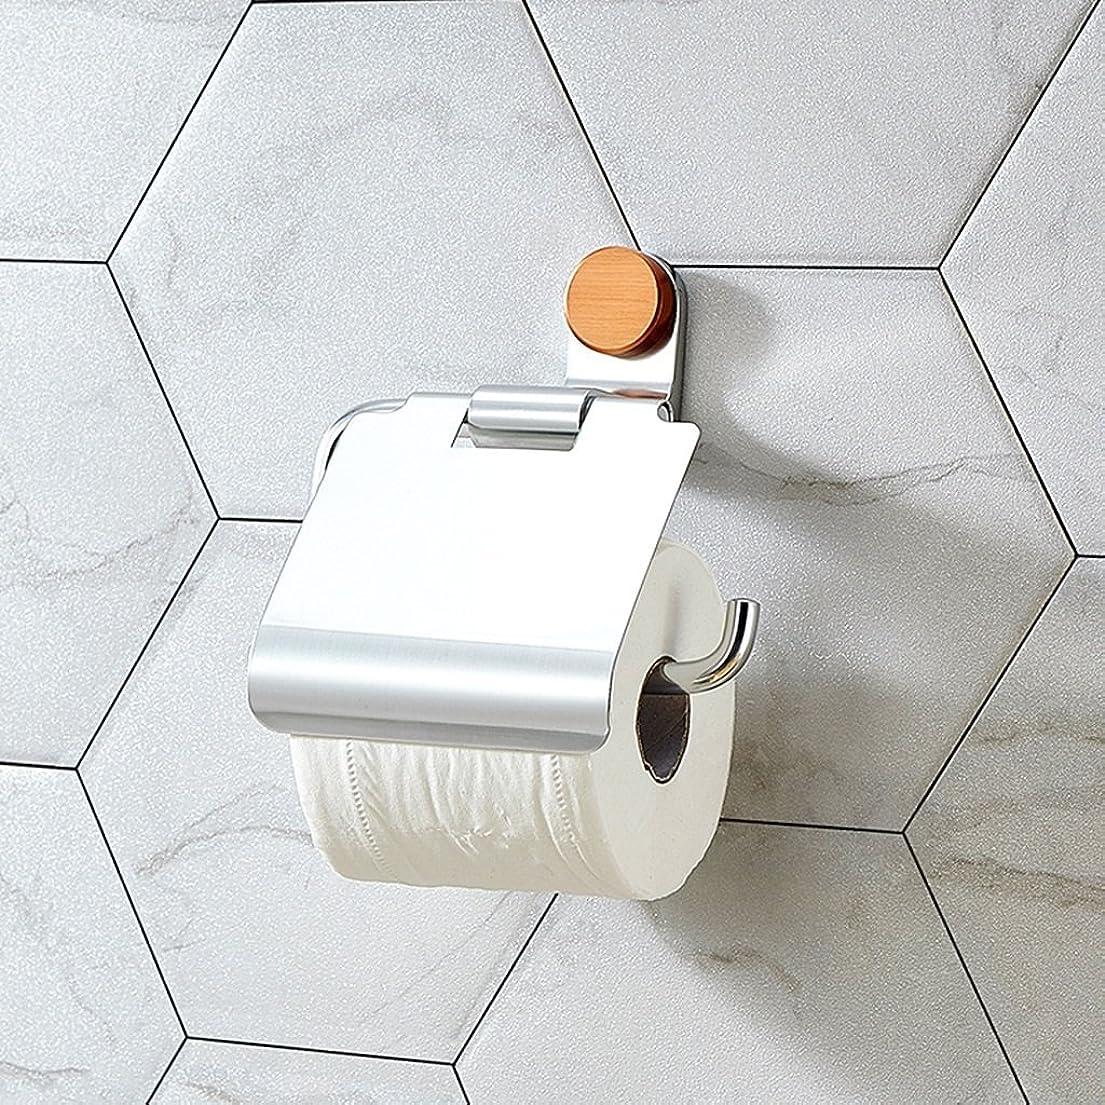 負荷マナー遺体安置所SYF-SYF スペースアルミ厚紙タオルホルダートイレットペーパーホルダー浴室のトイレットペーパーホルダートイレットペーパーホルダー ティッシュボックス